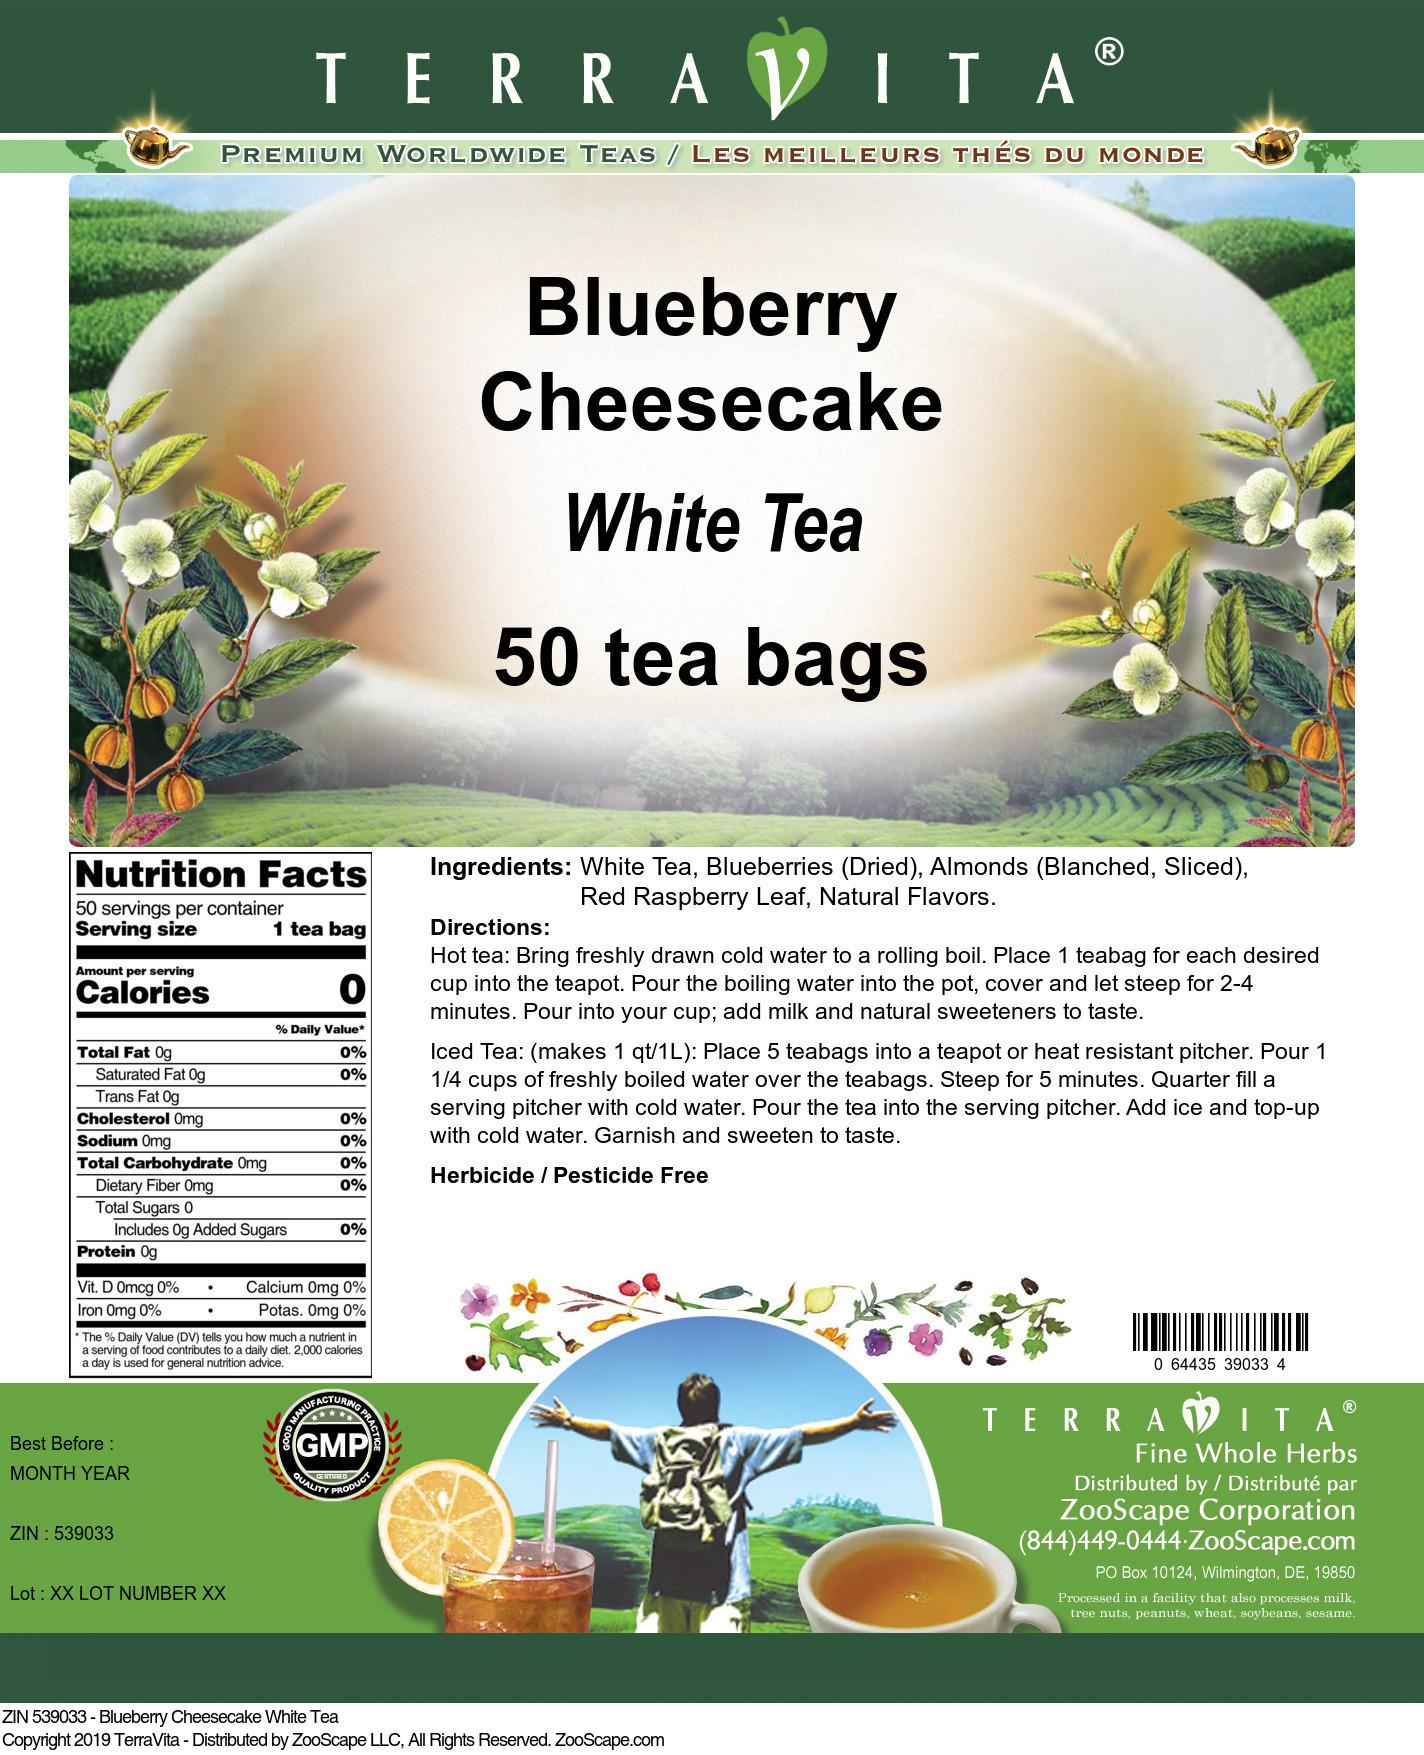 Blueberry Cheesecake White Tea